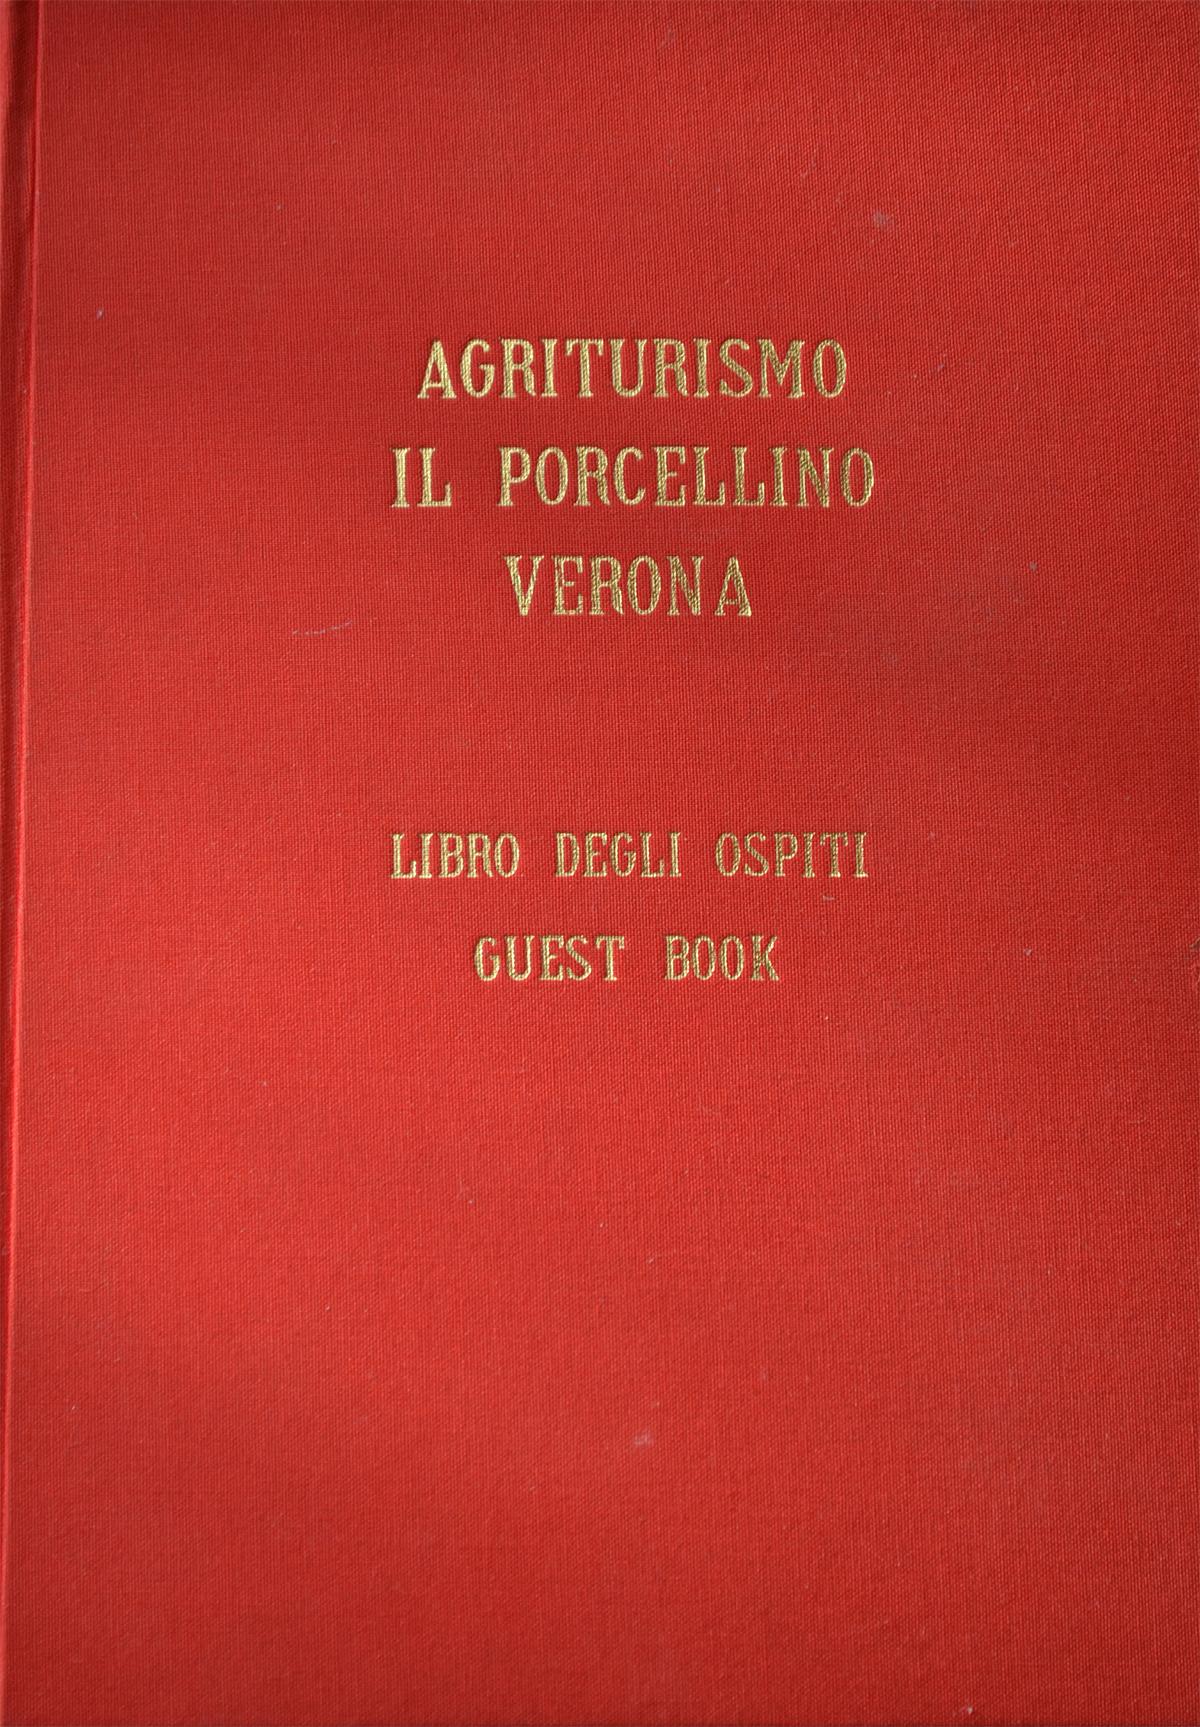 Libro degli ospiti agriturismo il porcellino dicono di noi for Libro degli ospiti